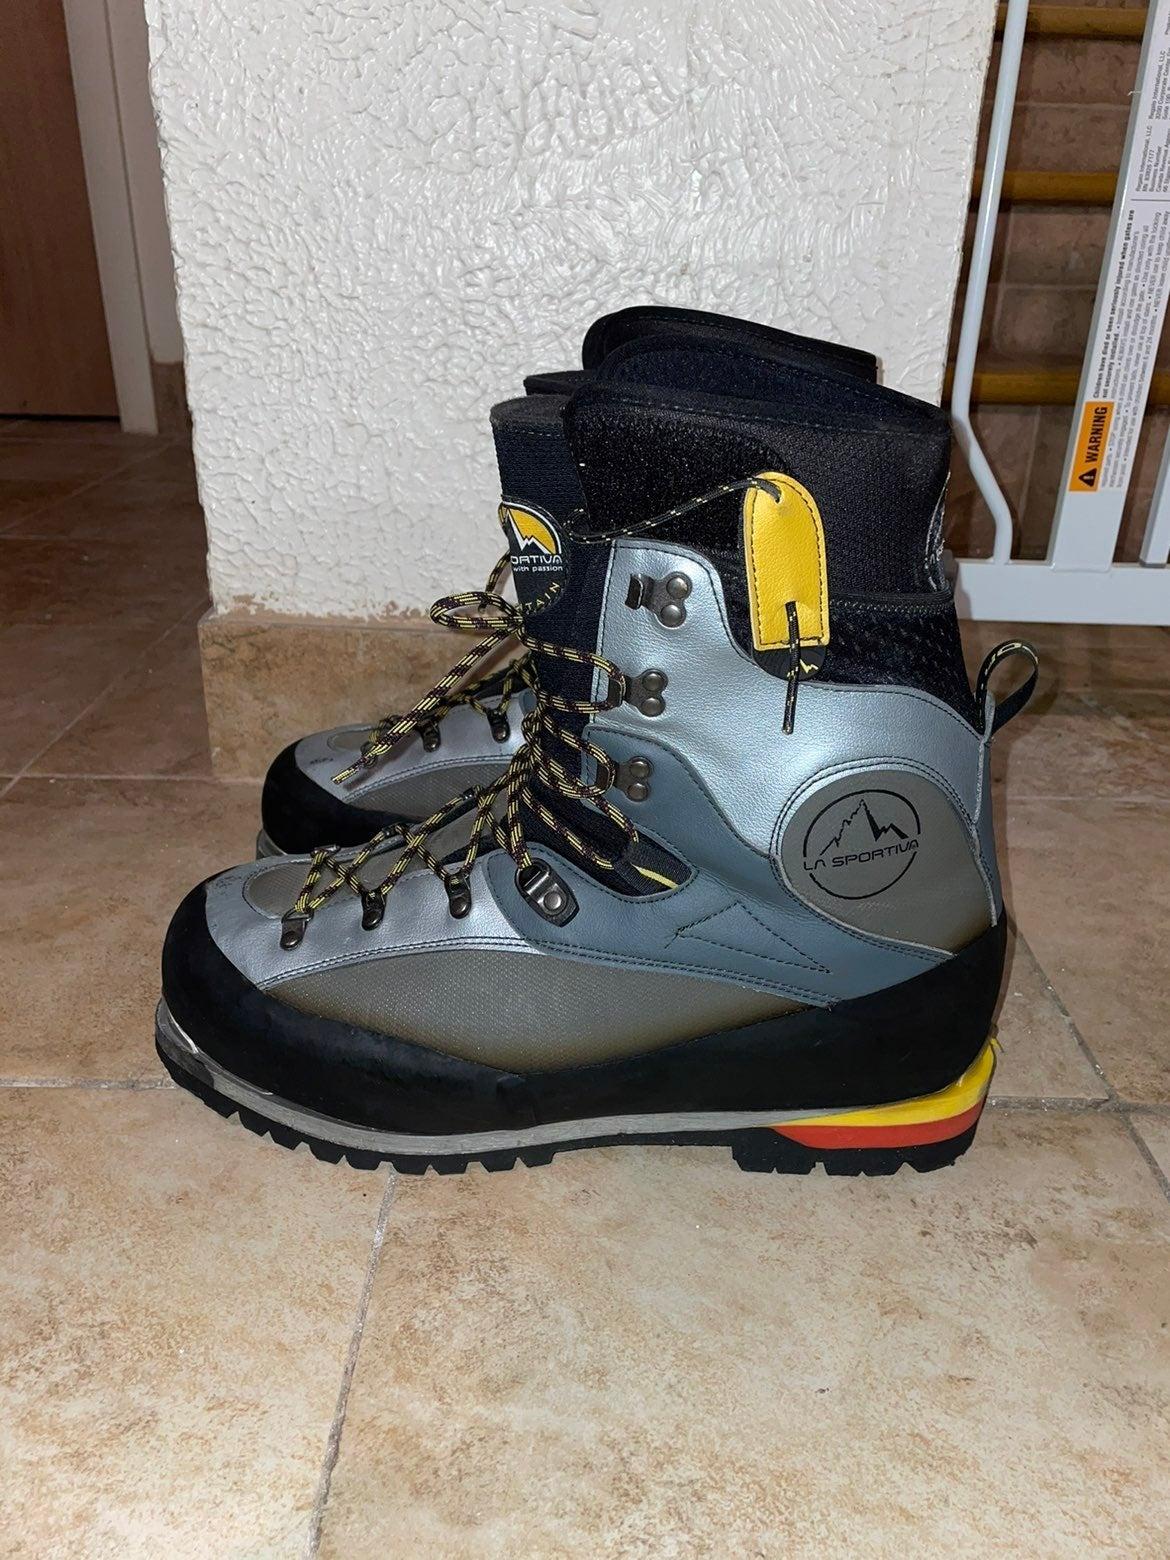 La Sportiva Hiking boots sz 14